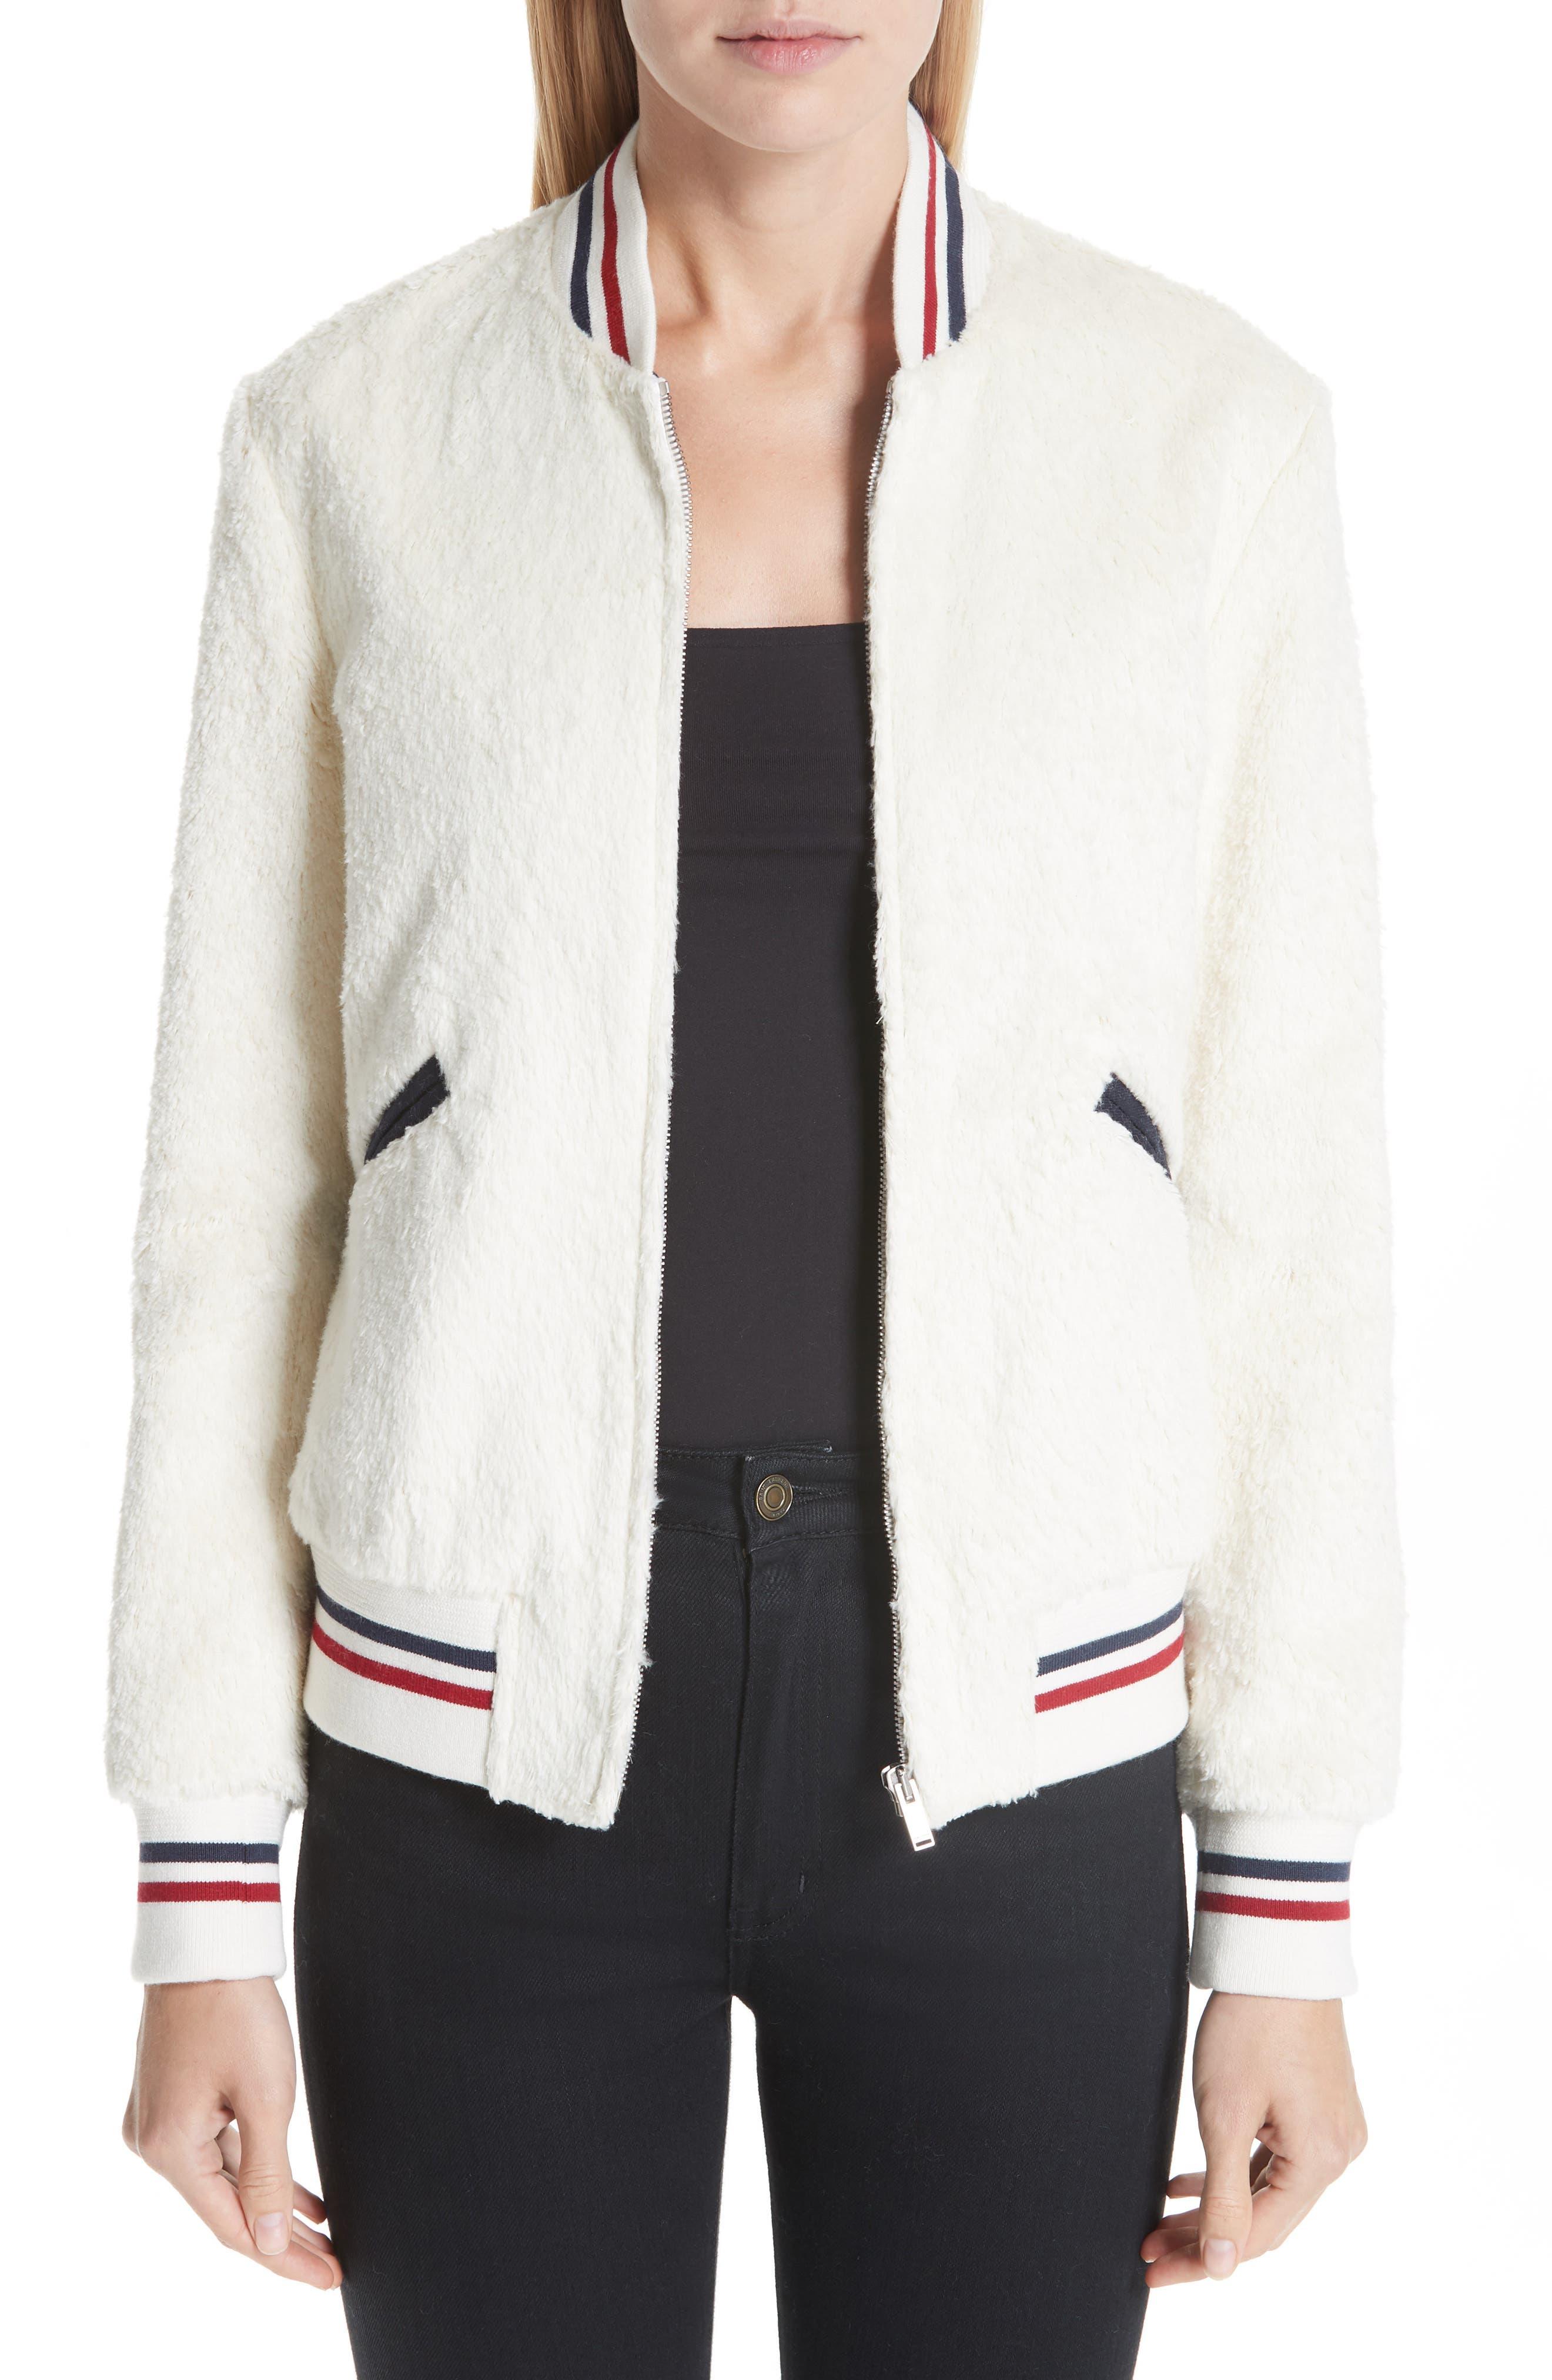 SAINT LAURENT,                             Teddy Faux Fur Bomber Jacket,                             Main thumbnail 1, color,                             WHITE